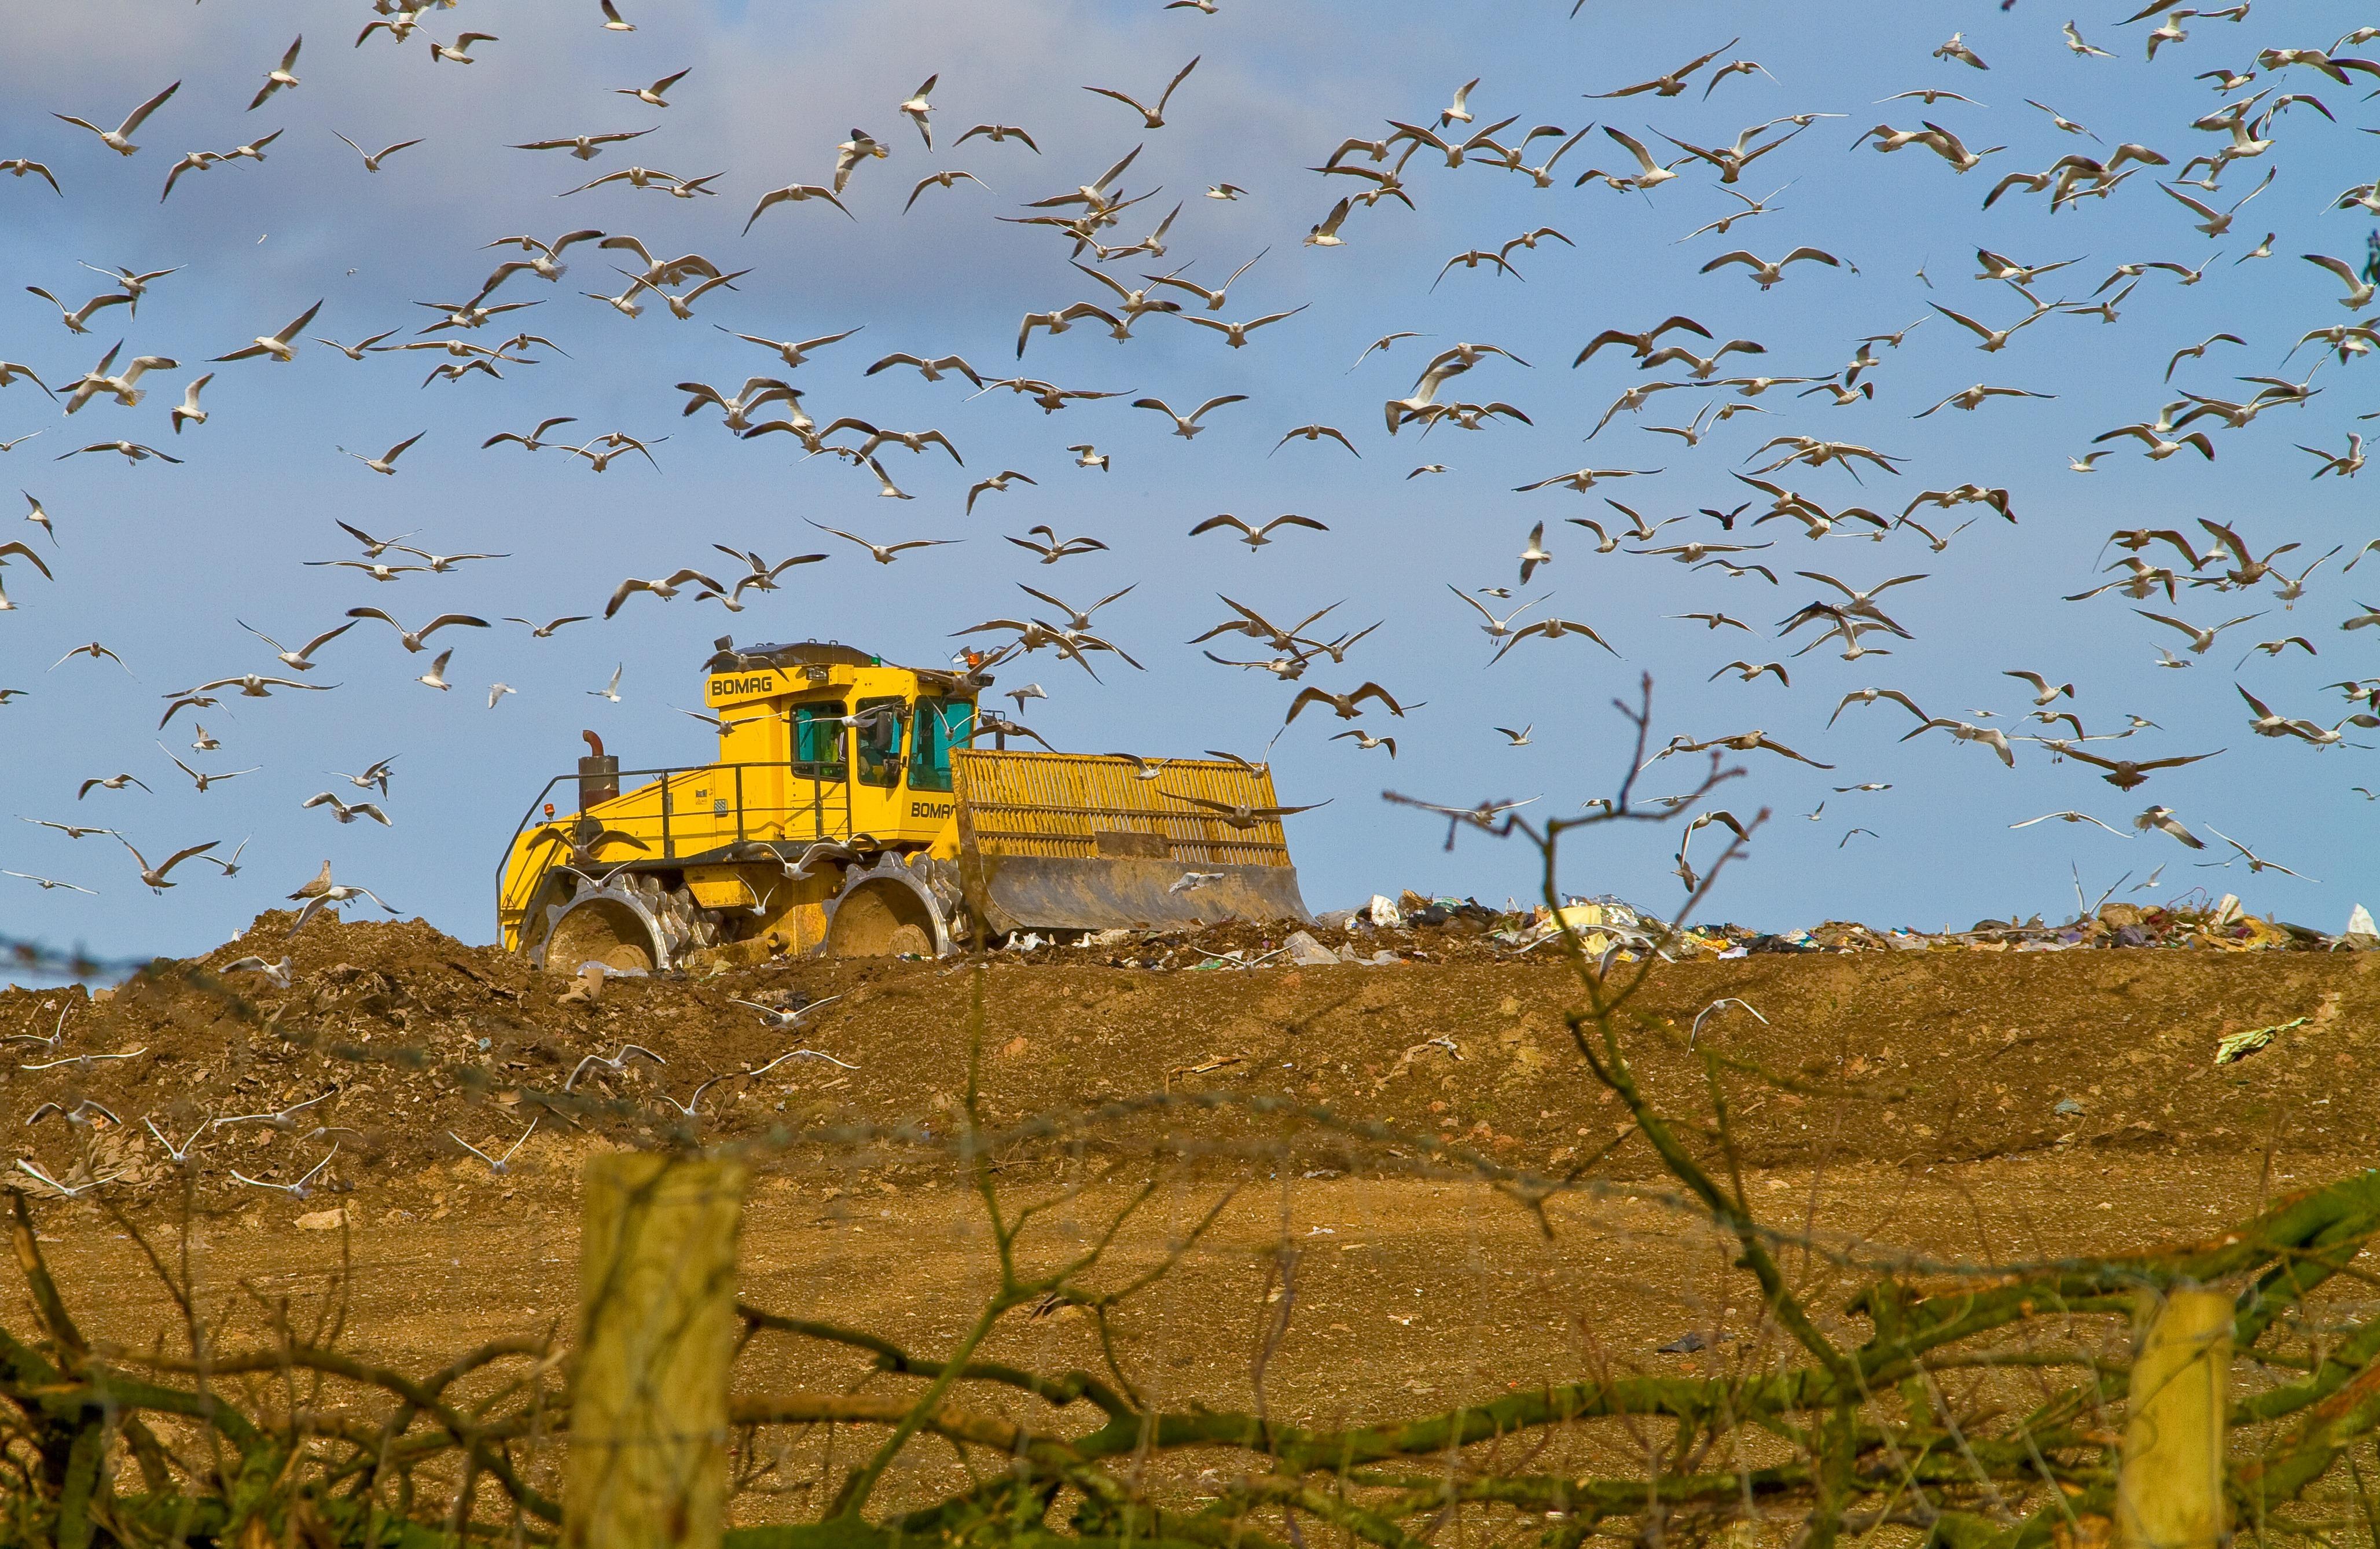 Müll Recycling Lebensmittelverschwendung Abfall Kreislaufwirtschaft